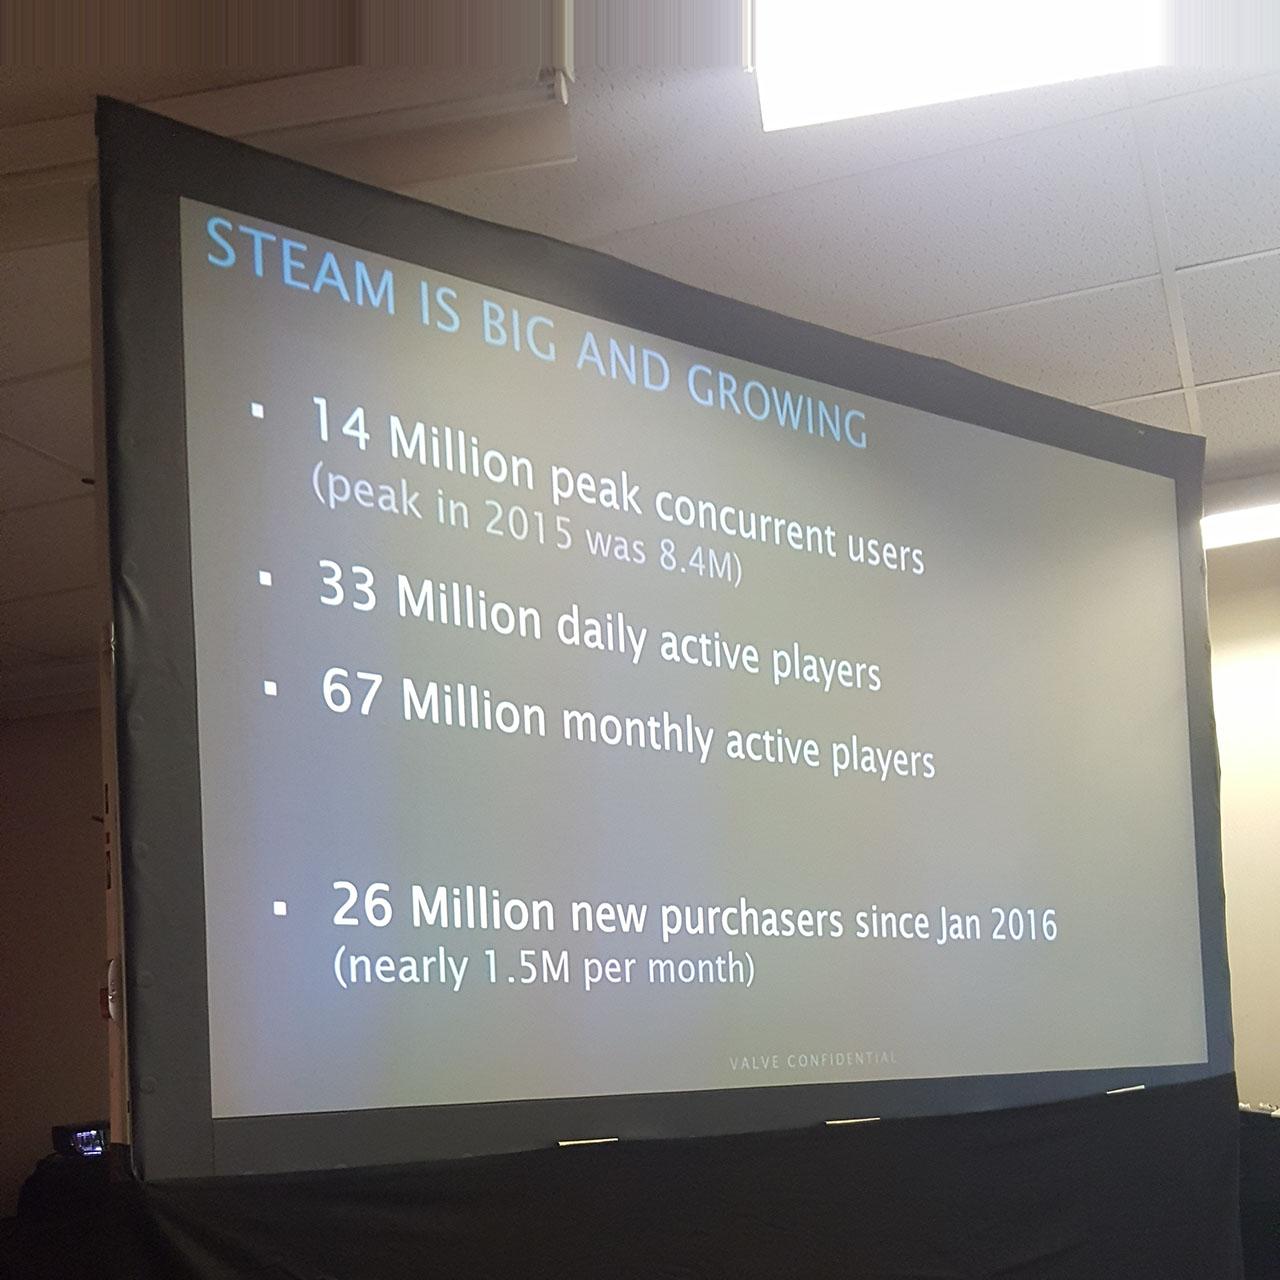 Steam достиг 33 миллионов ежедневных пользователей и 67 миллионов ежемесячных